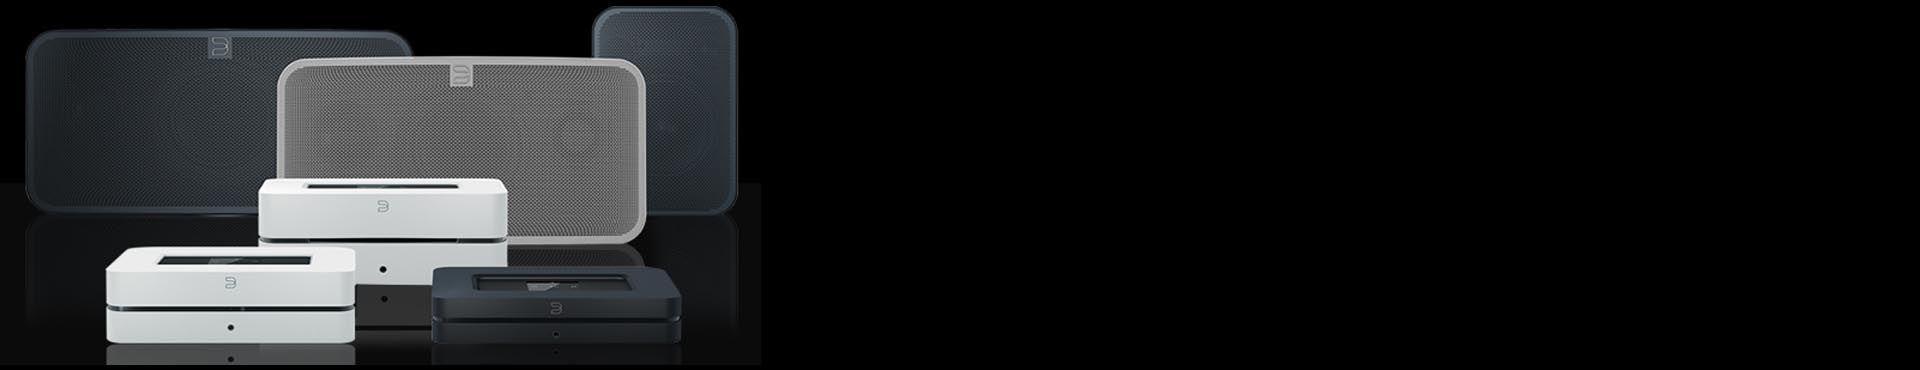 Belaidės garso sistemos (Multiroom)